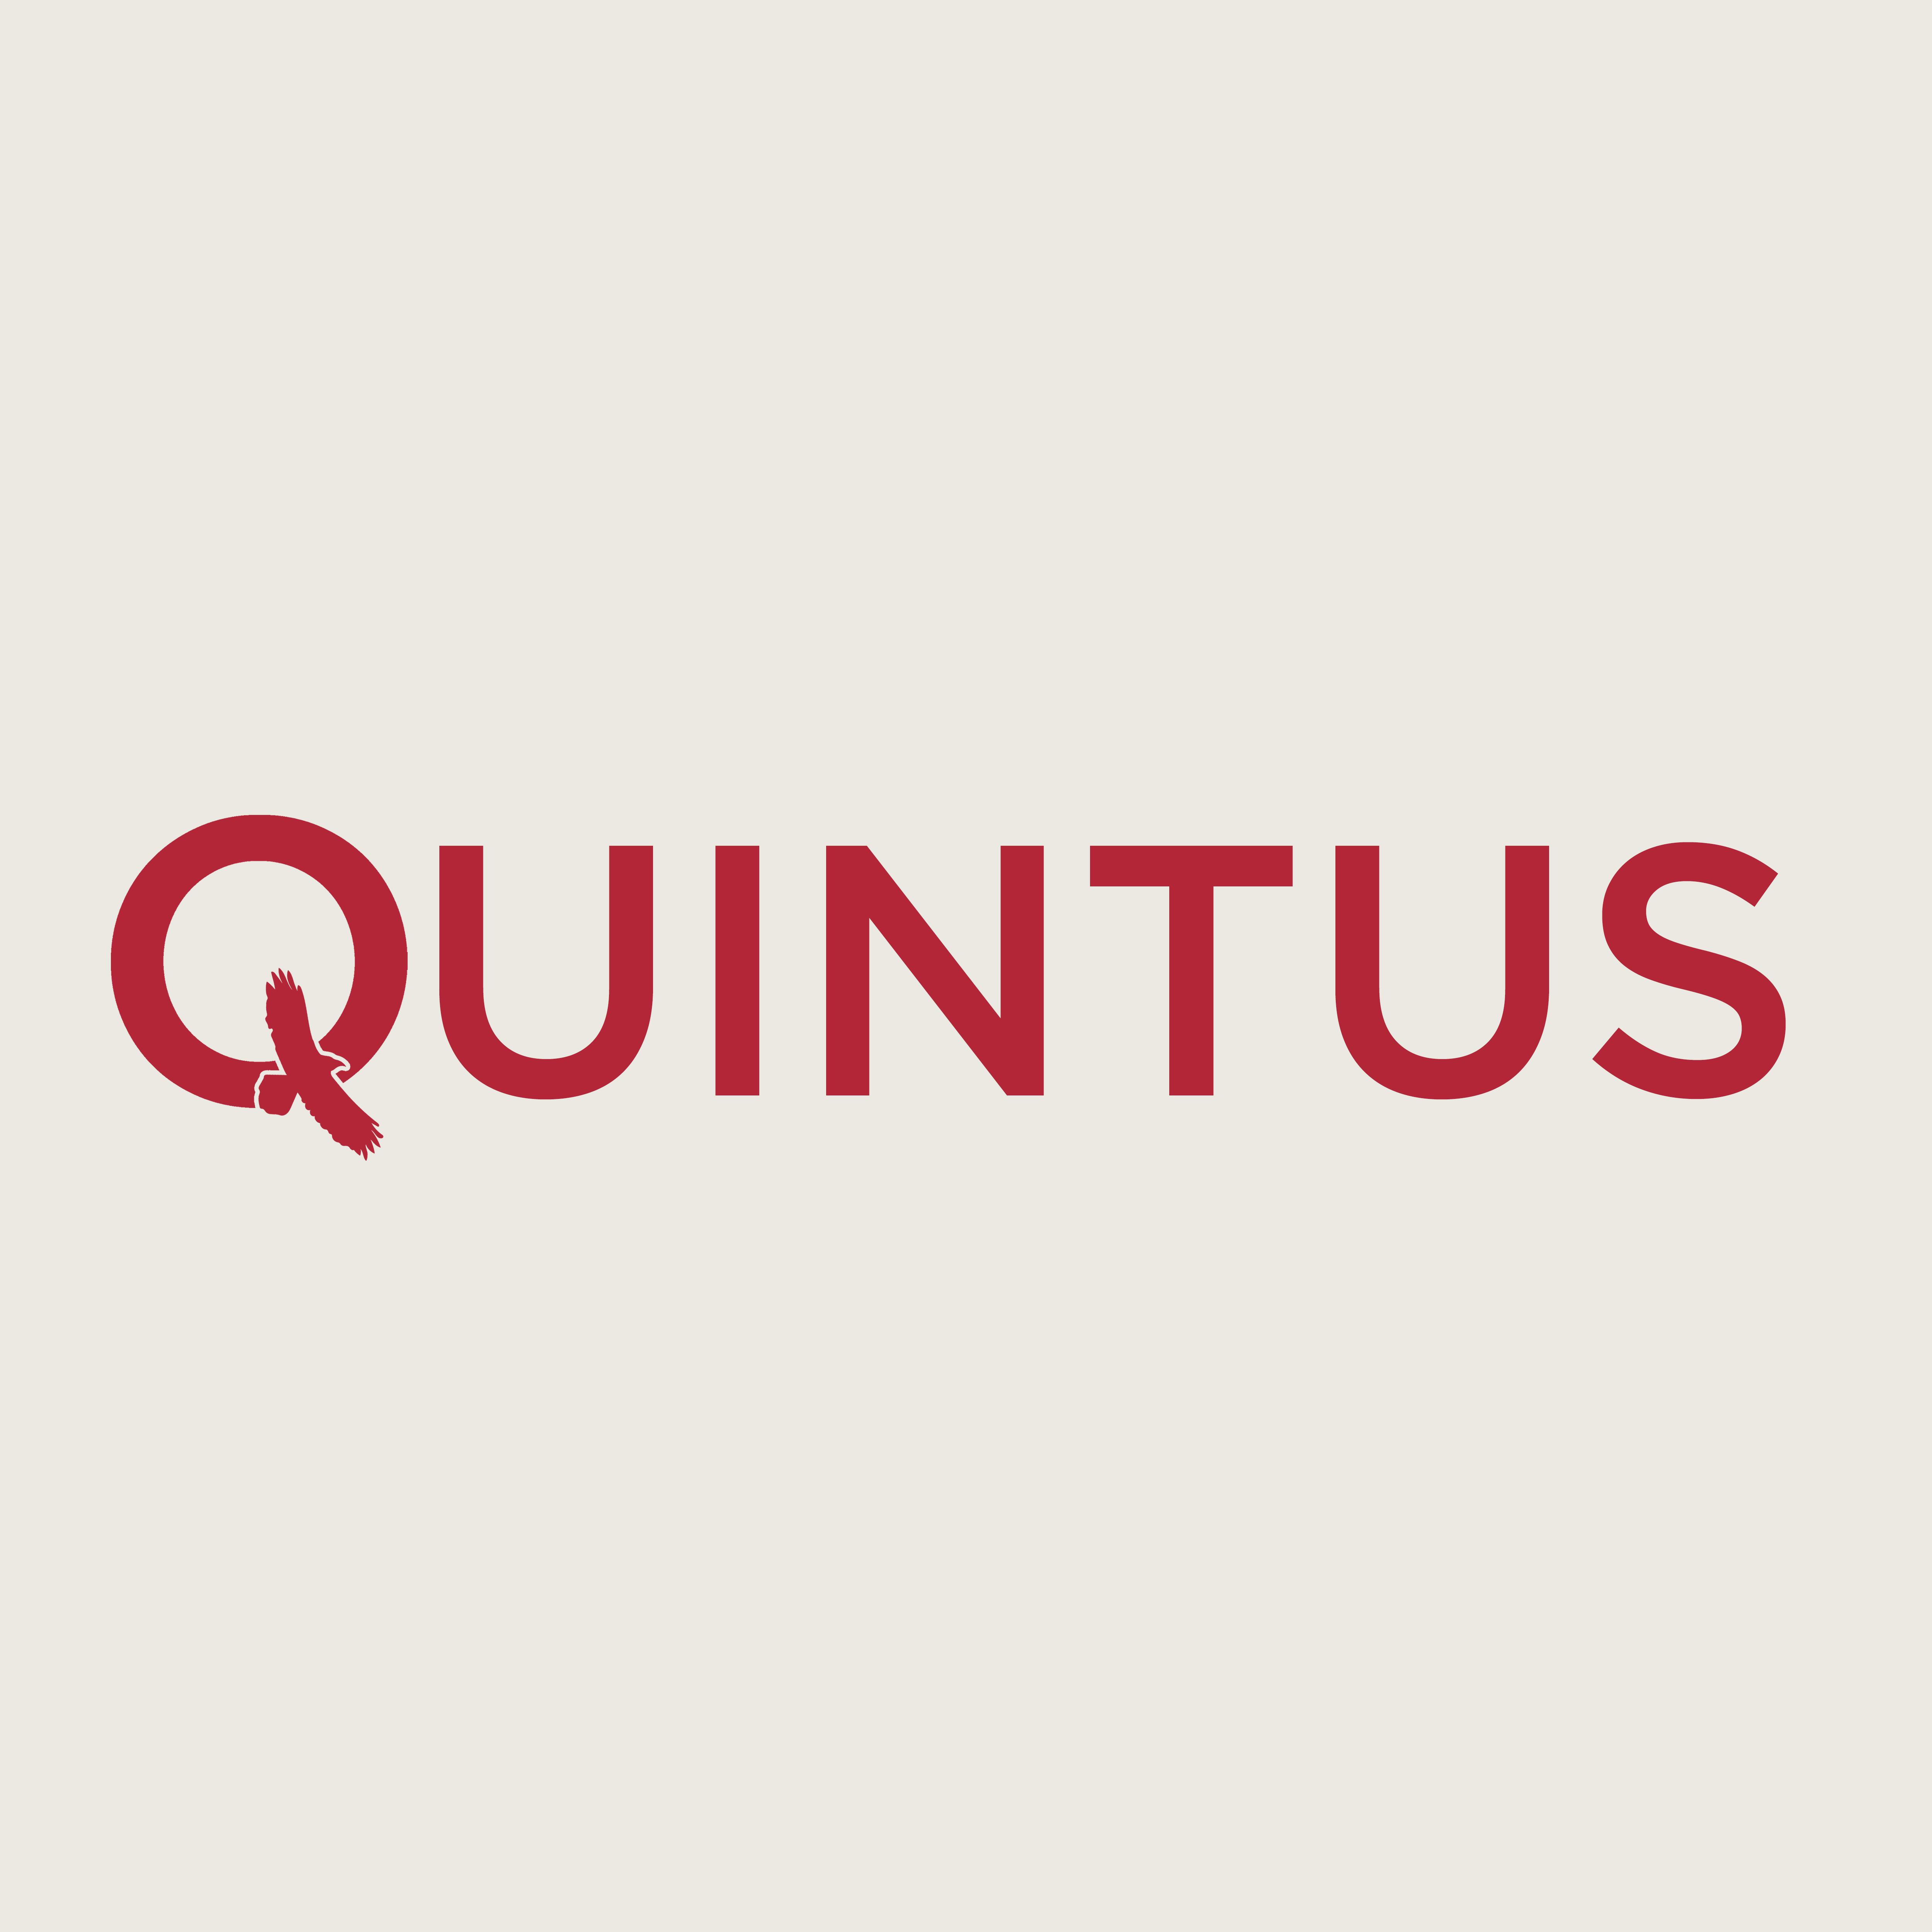 A.L.S.V. Quintus